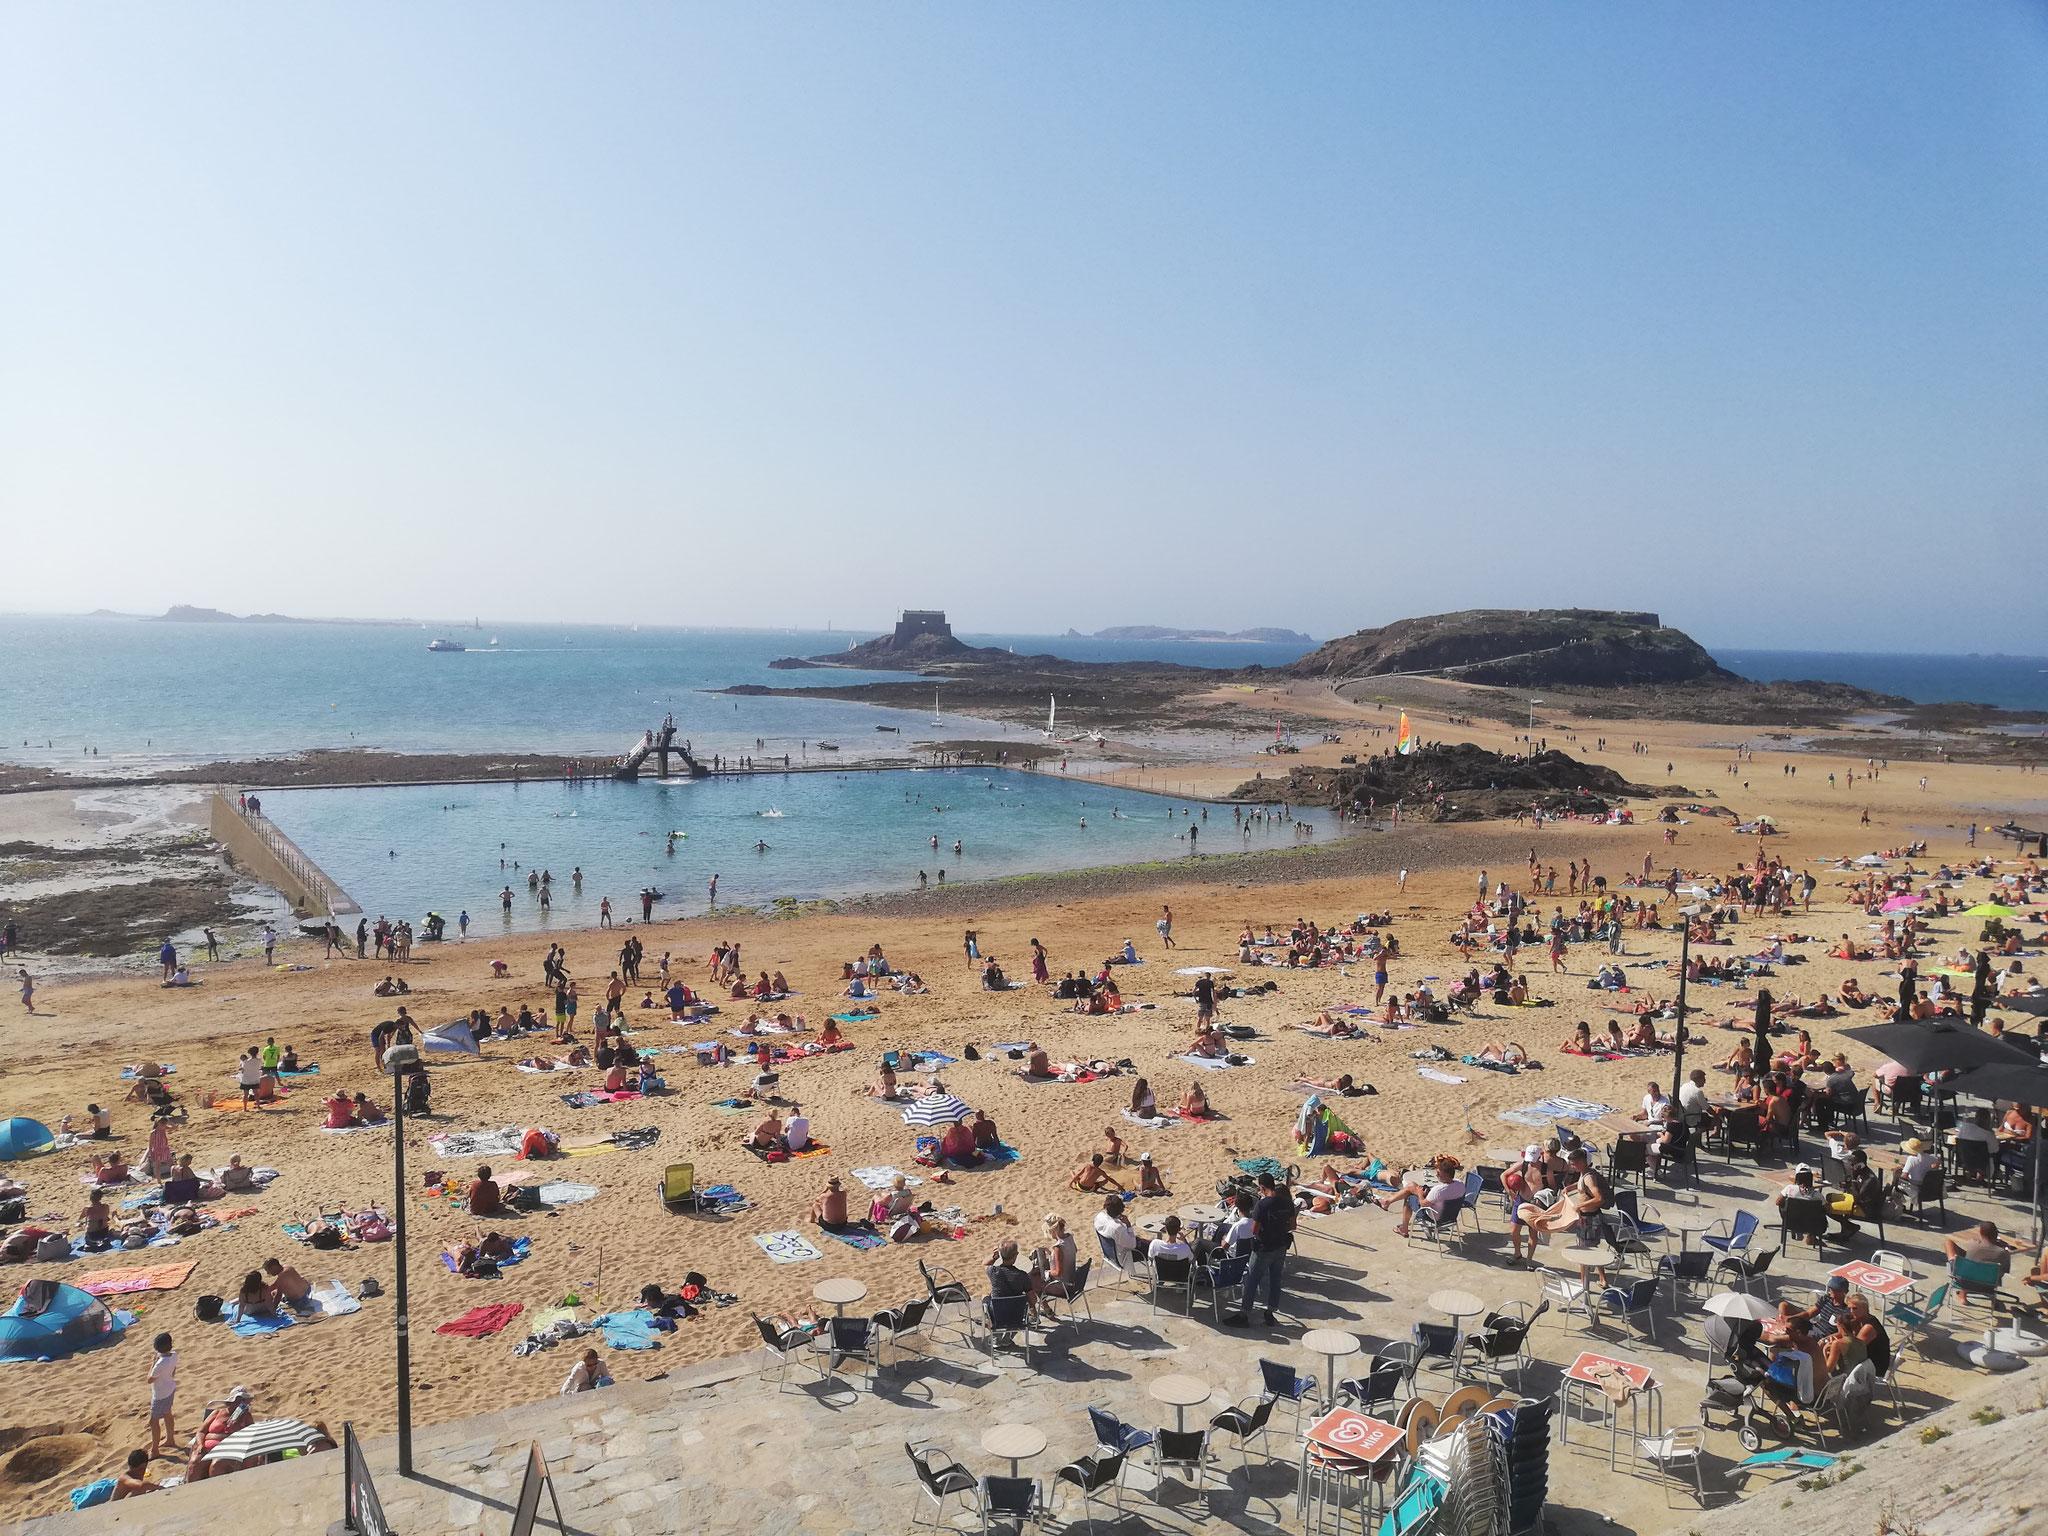 Dinan (22), août 2020 (enfin bon c'est St Malo mais c'était pas très loin... où sommes-t-ils?)